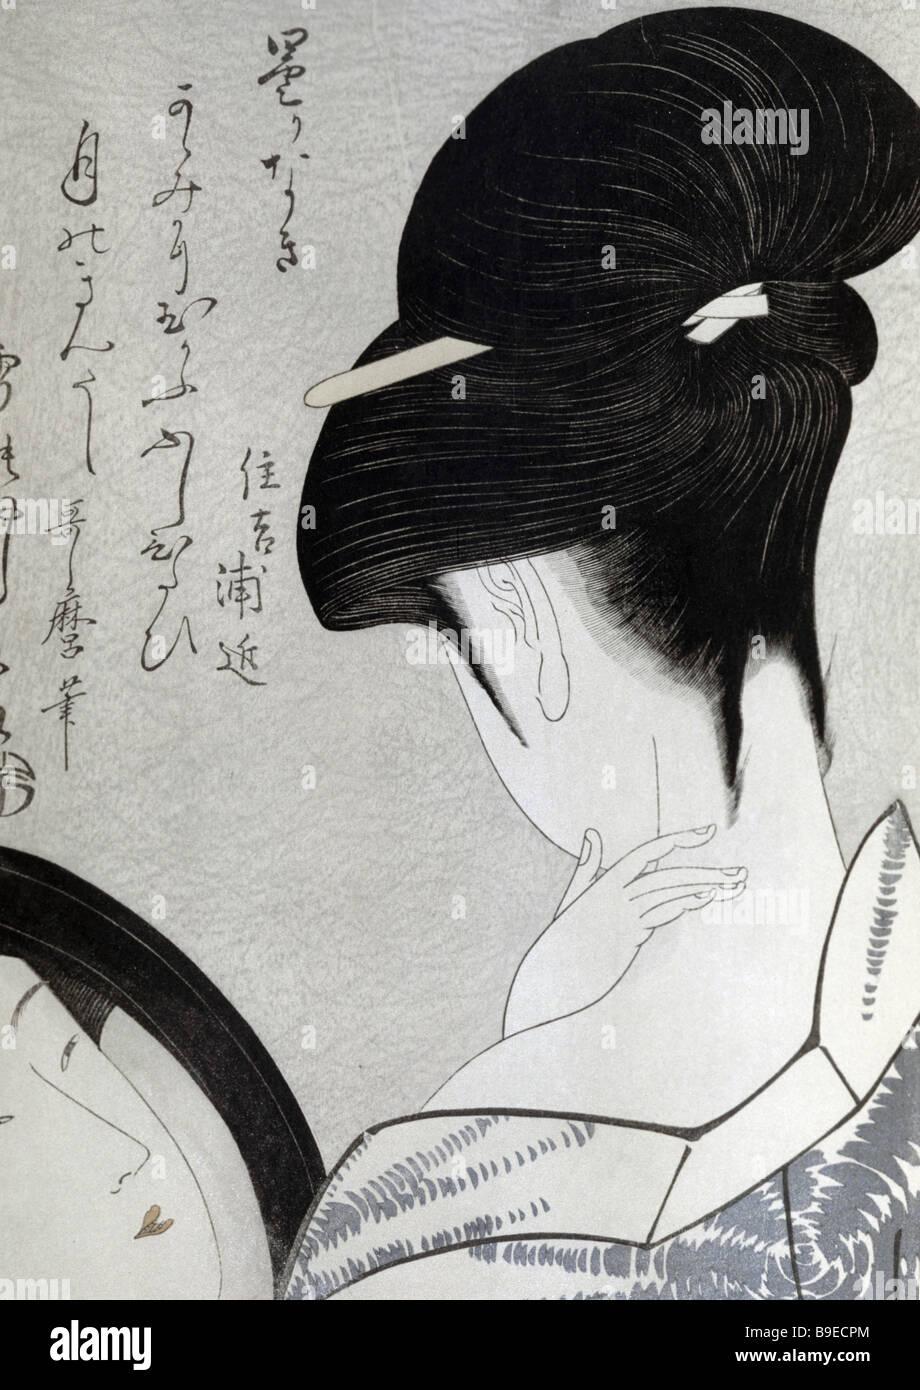 La signora con lo specchio xilografia da Utamaro Utagawa xviii secolo Museo Arte Orientale Mosca Immagini Stock